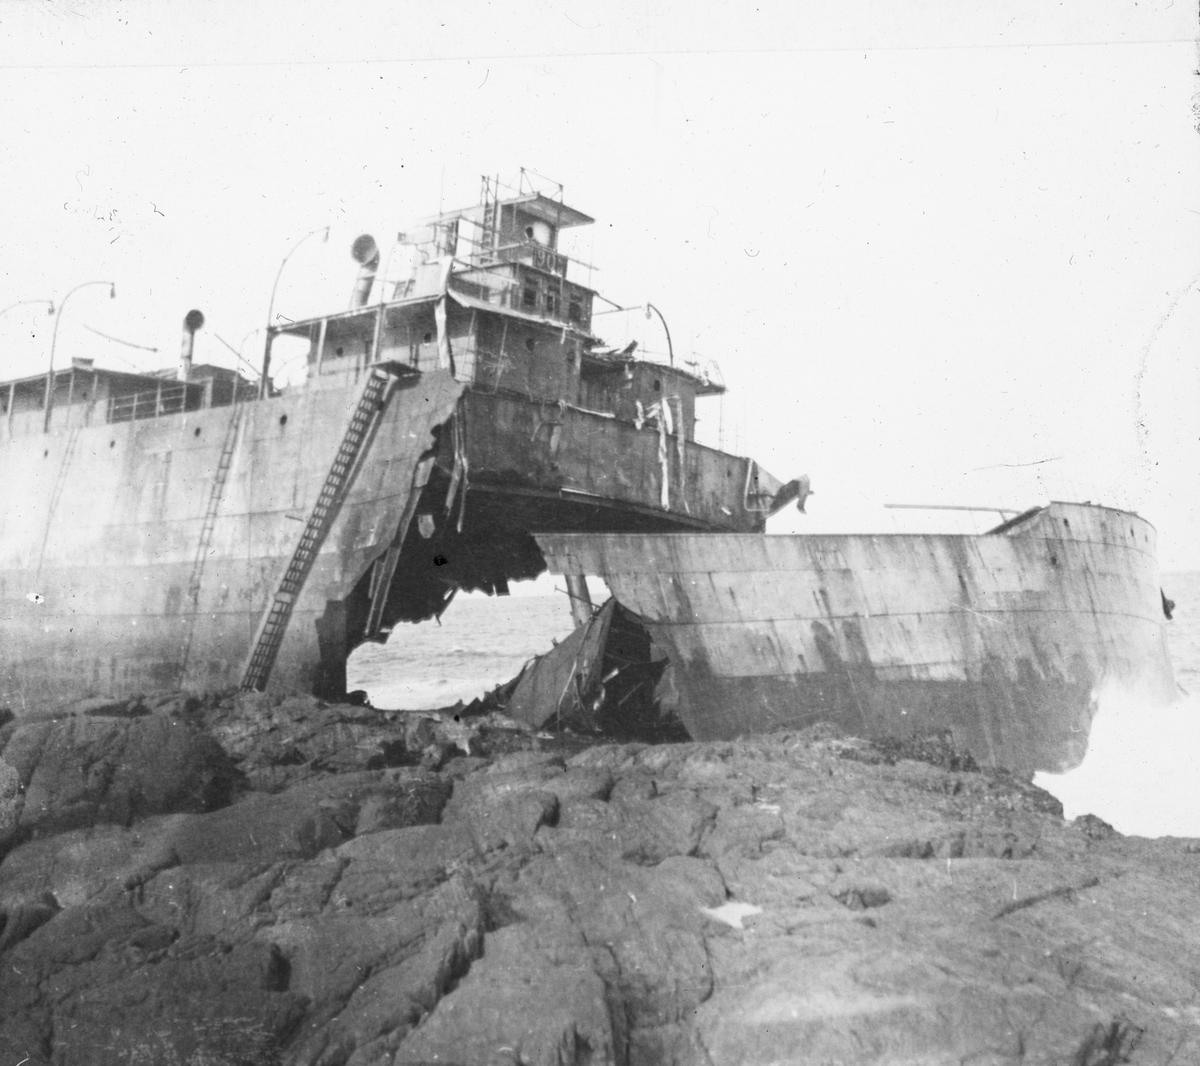 Forskipet på et fartøy satt på land, hele baugen er av, deler av skipssiden er også satt på land.